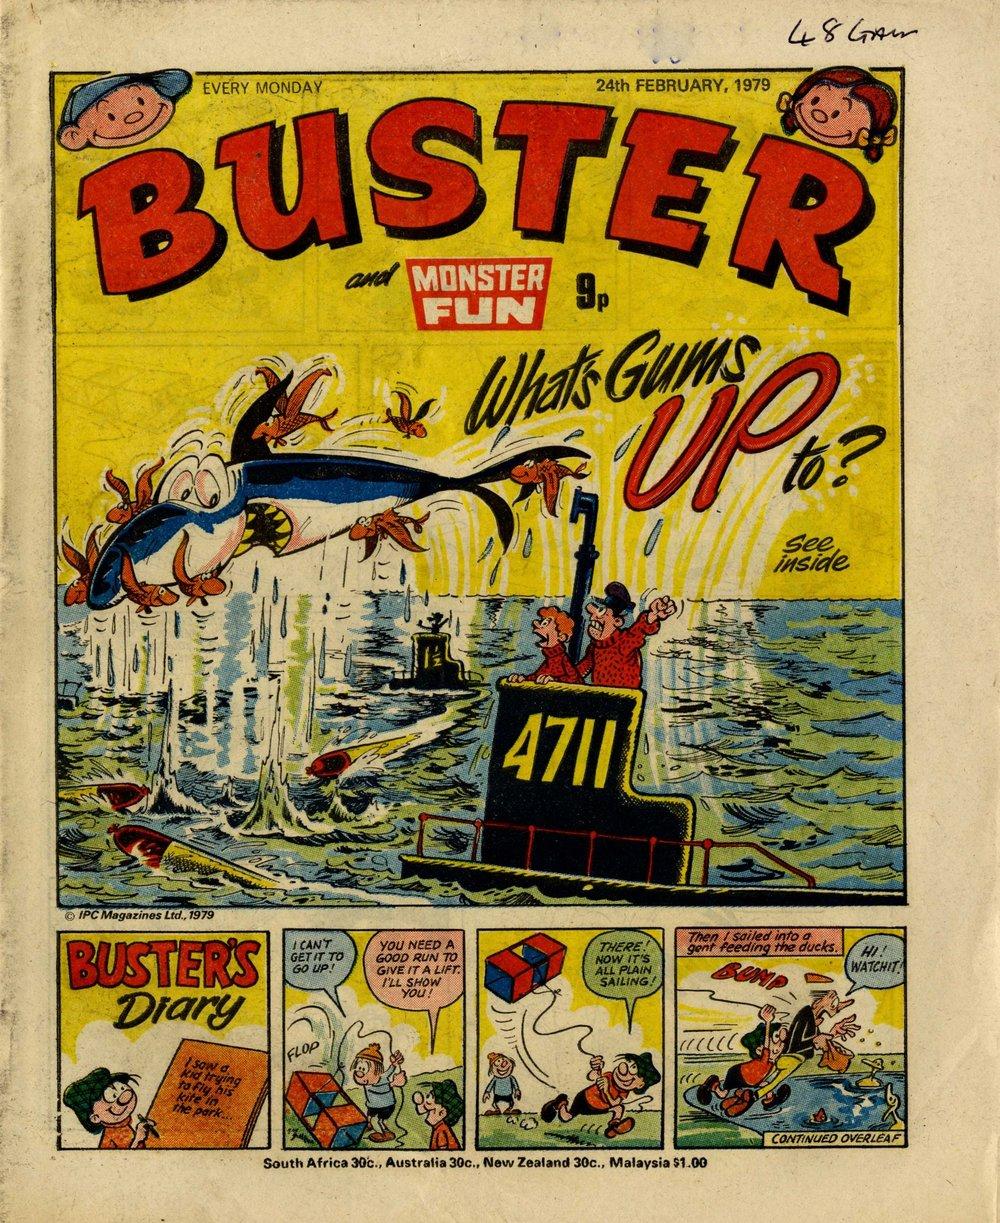 Buster 240279 001.jpg